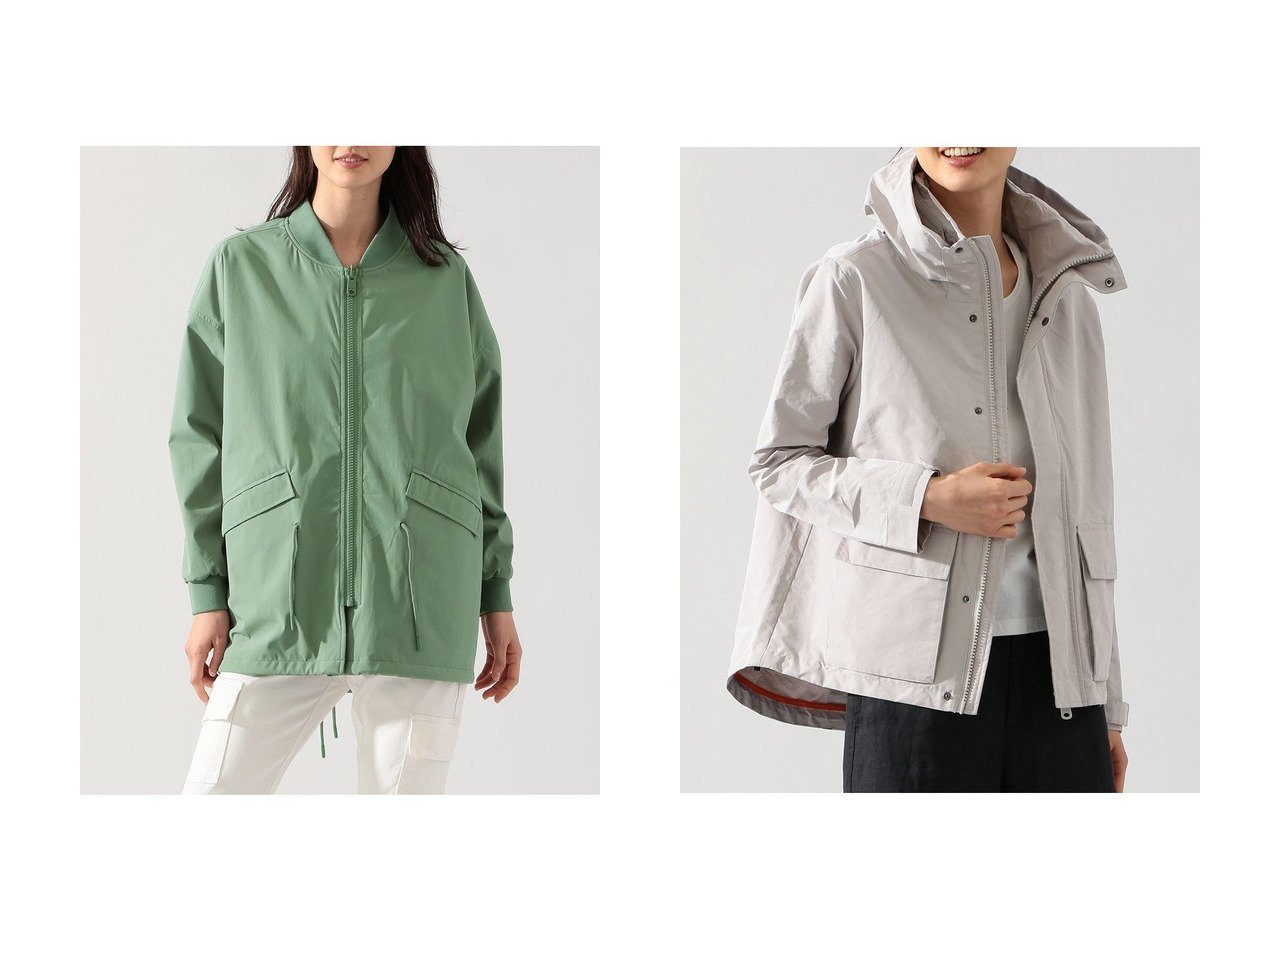 【ECOALF/エコアルフ】のKELP REVERSIBLE JACKET WOMAN&REEF フーデット ジャケット REEF JACKET WOMAN 【アウター】おすすめ!人気、トレンド・レディースファッションの通販   おすすめで人気の流行・トレンド、ファッションの通販商品 メンズファッション・キッズファッション・インテリア・家具・レディースファッション・服の通販 founy(ファニー) https://founy.com/ ファッション Fashion レディースファッション WOMEN アウター Coat Outerwear ジャケット Jackets ブルゾン Blouson/Jackets ジャケット ブルゾン モダン リバーシブル 再入荷 Restock/Back in Stock/Re Arrival |ID:crp329100000033989